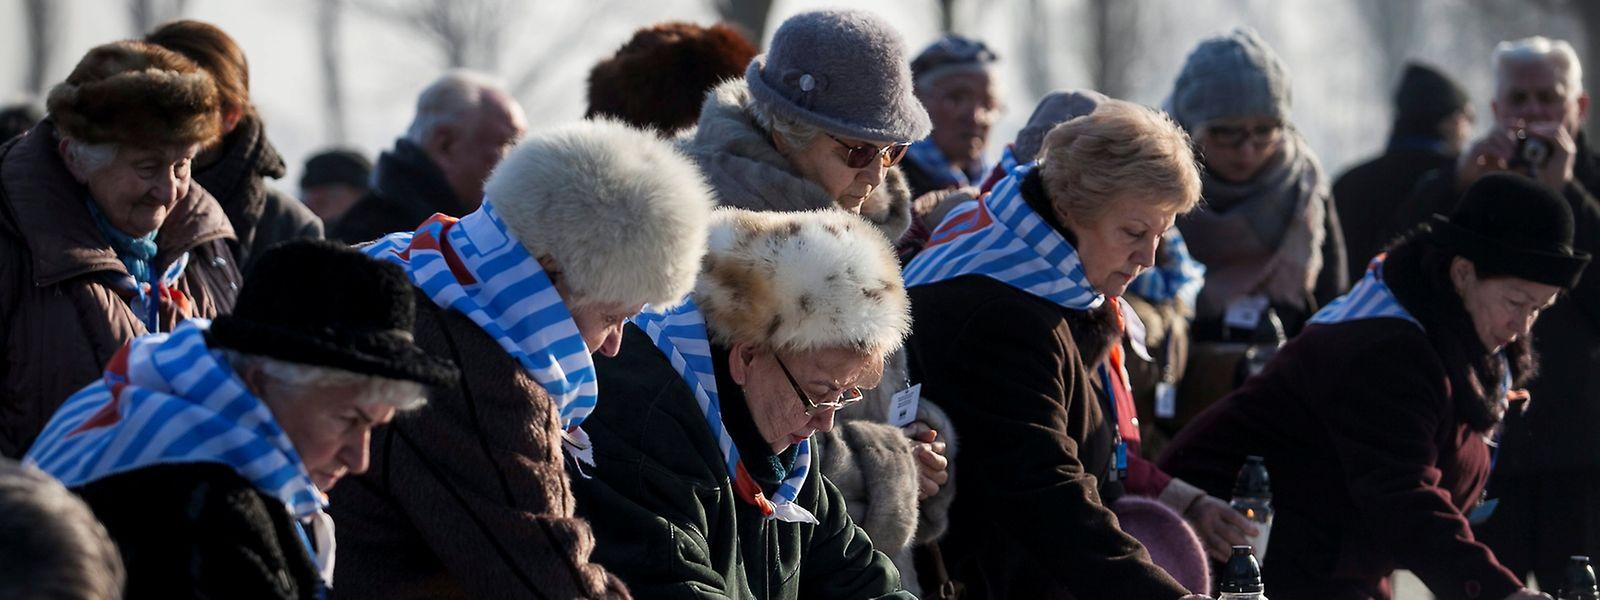 Überlebende des Vernichtungslagers Auschwitz bei der Gedenkfeier zum Jahrestag der Befreiung des Lagers vor 72 Jahren.